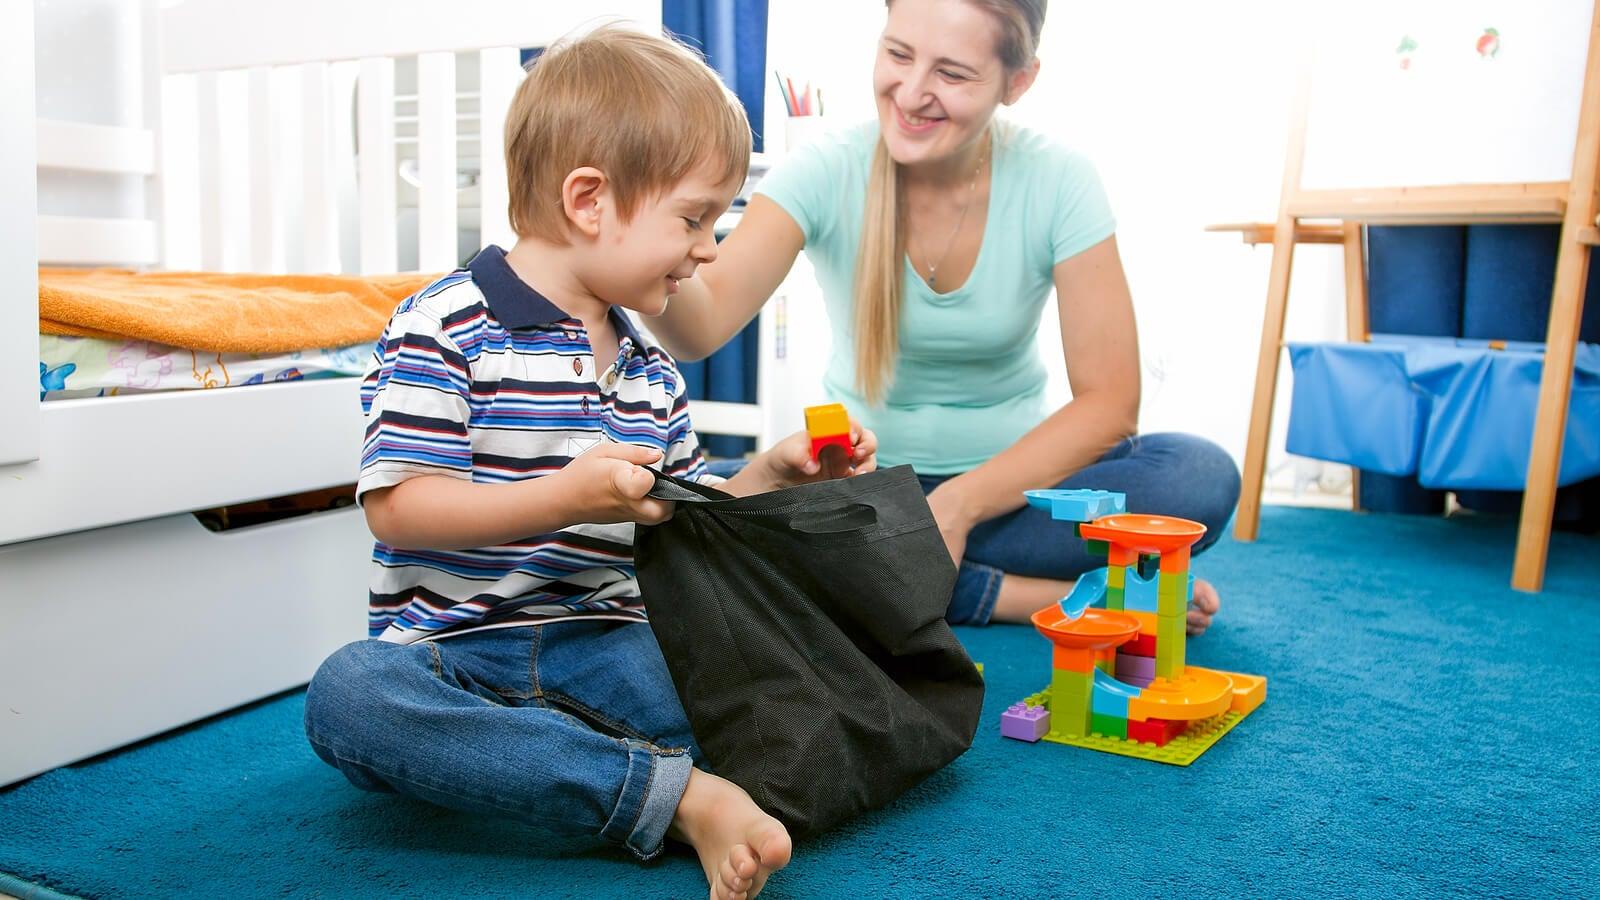 Madre e hijo ordenando los juguetes según el método Marie Kondo.